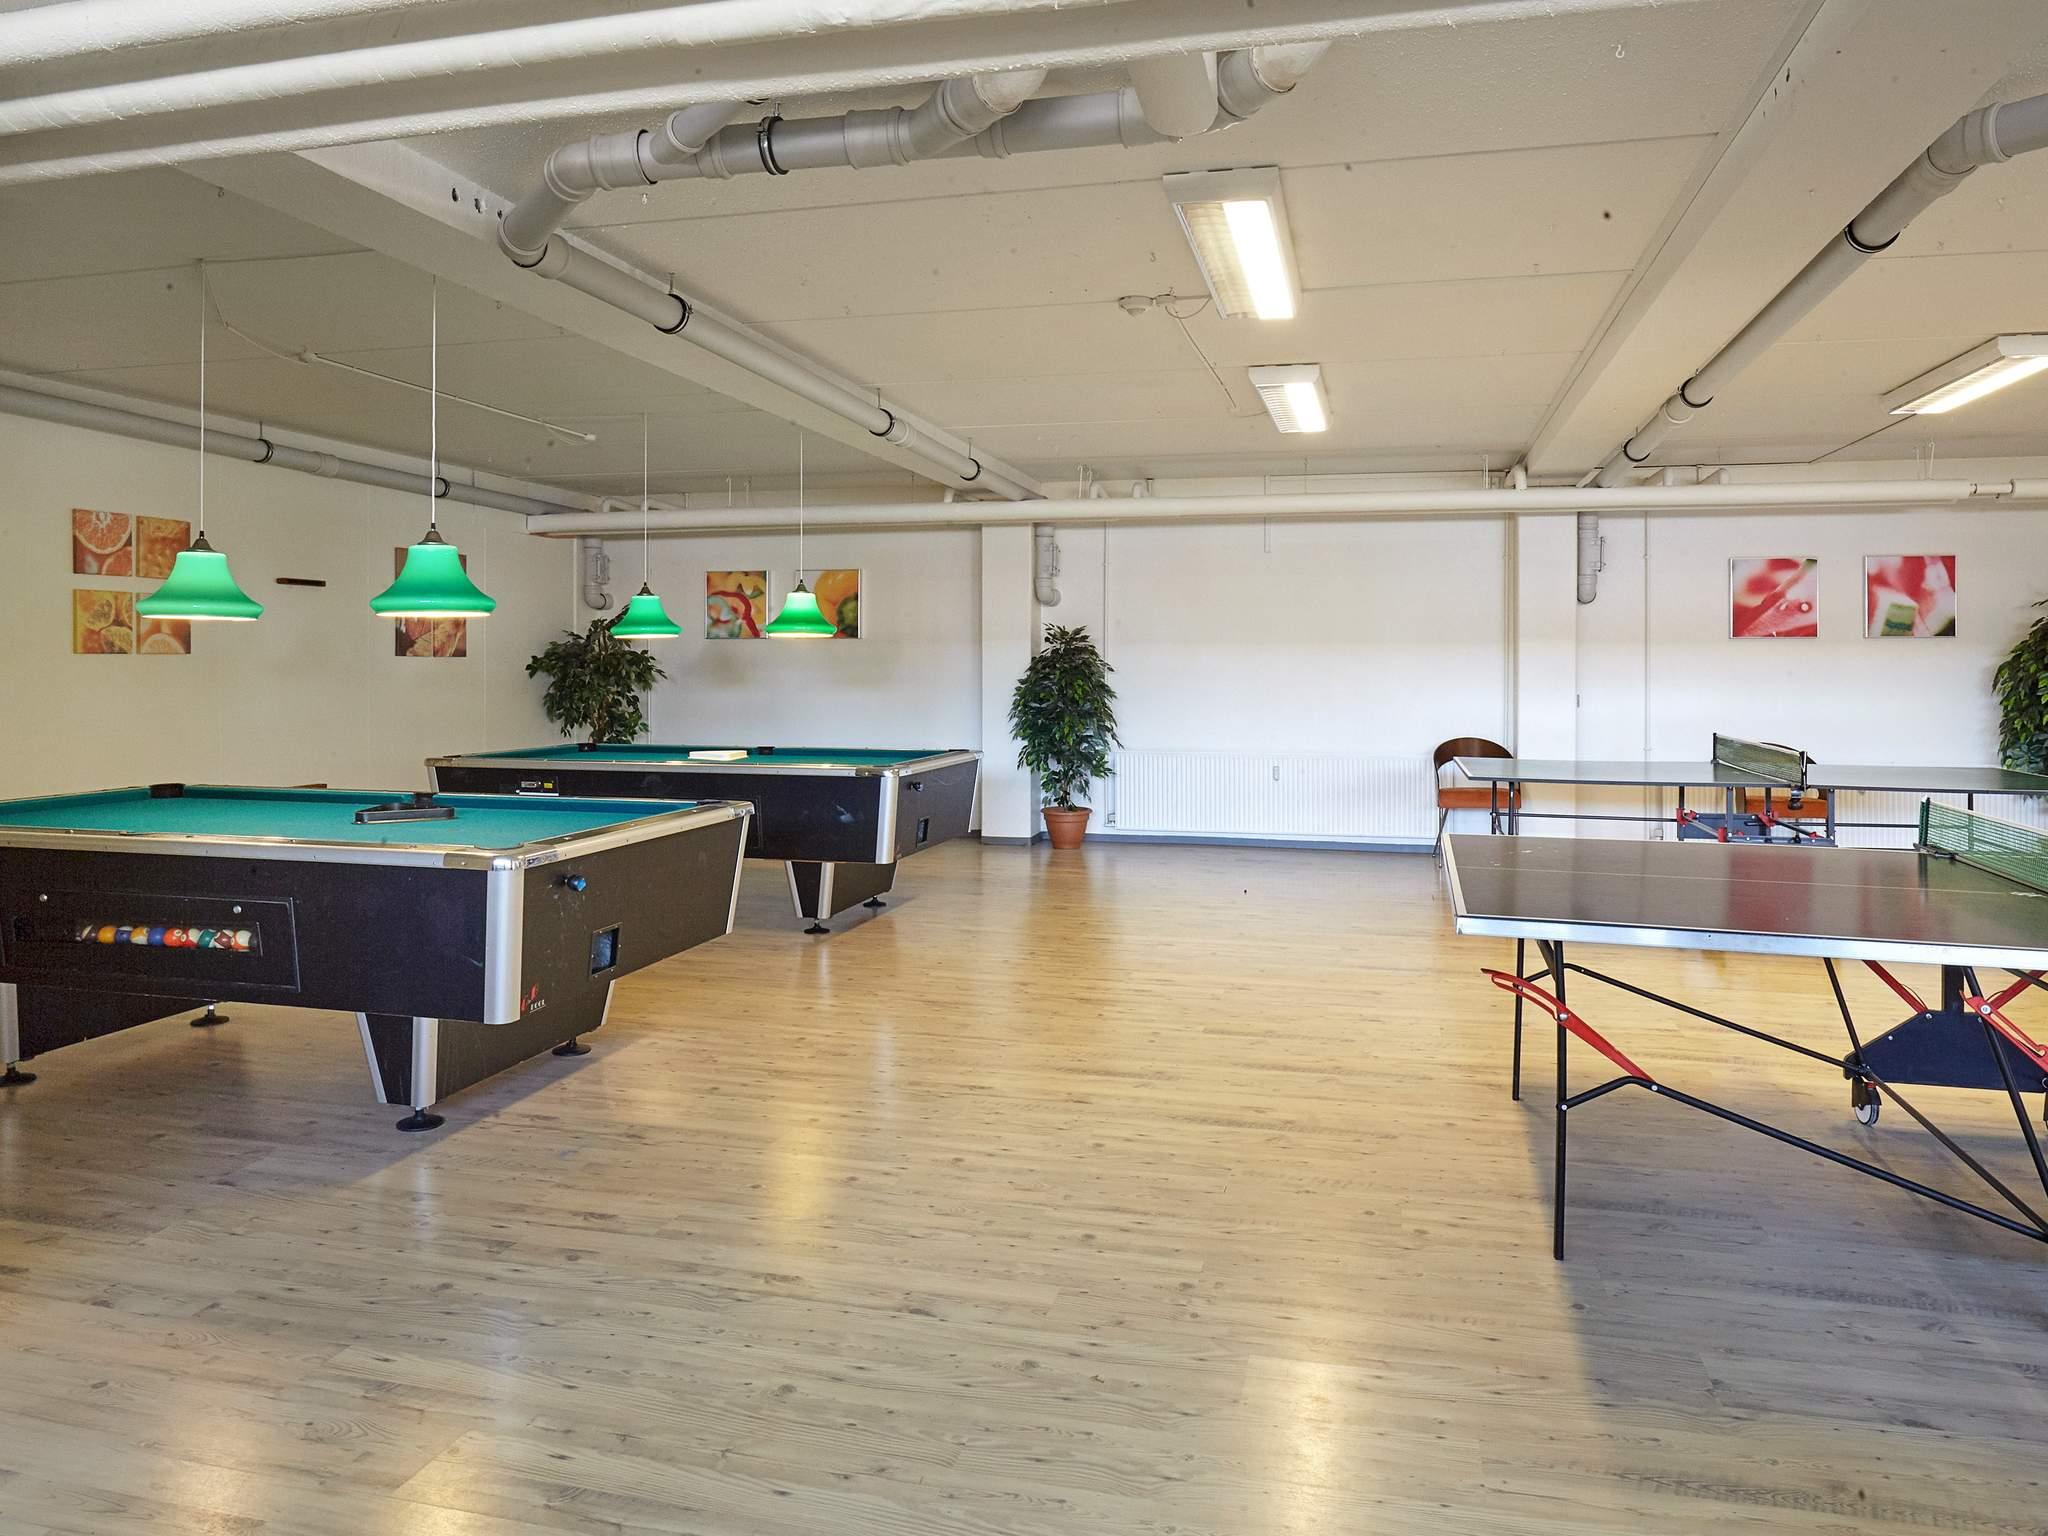 Ferienwohnung Bønnerup Strand - Typ 5 - 3 Zimmer,1.stock,Penthouse (1719346), Bønnerup, , Ostjütland, Dänemark, Bild 34